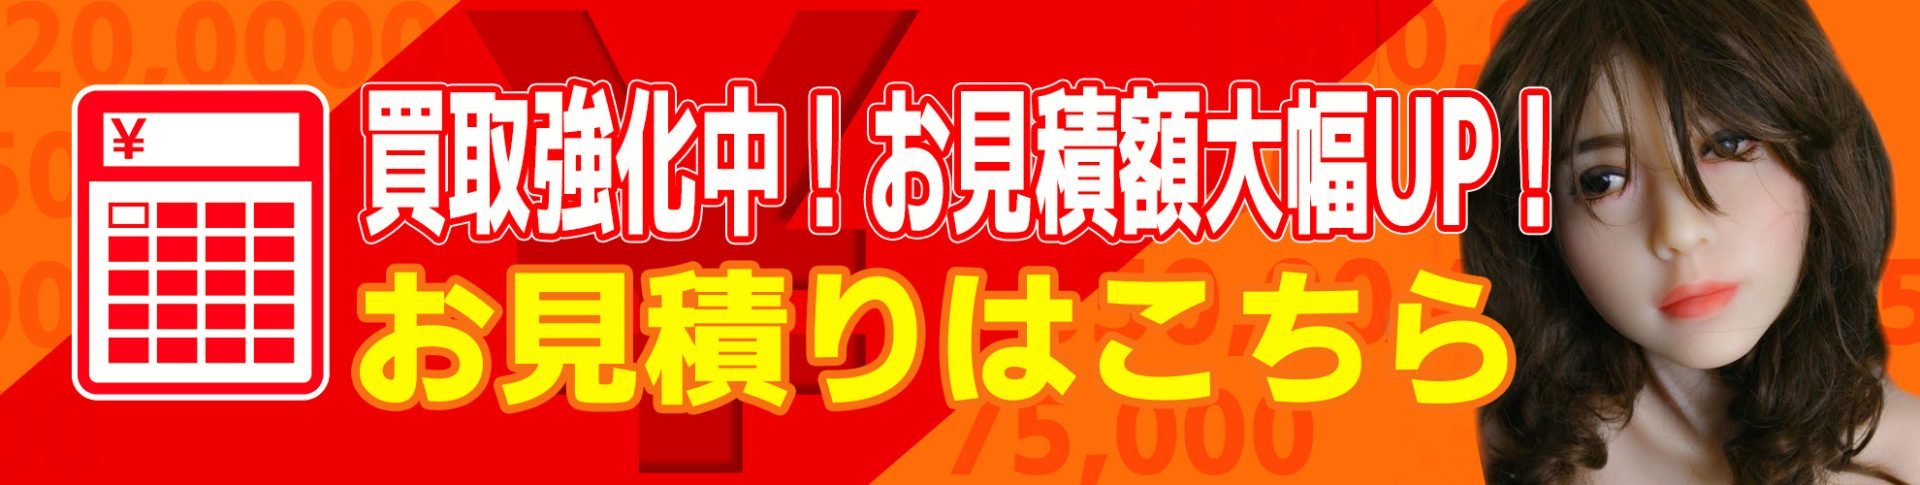 """""""お見積り></a><br /> <a href="""